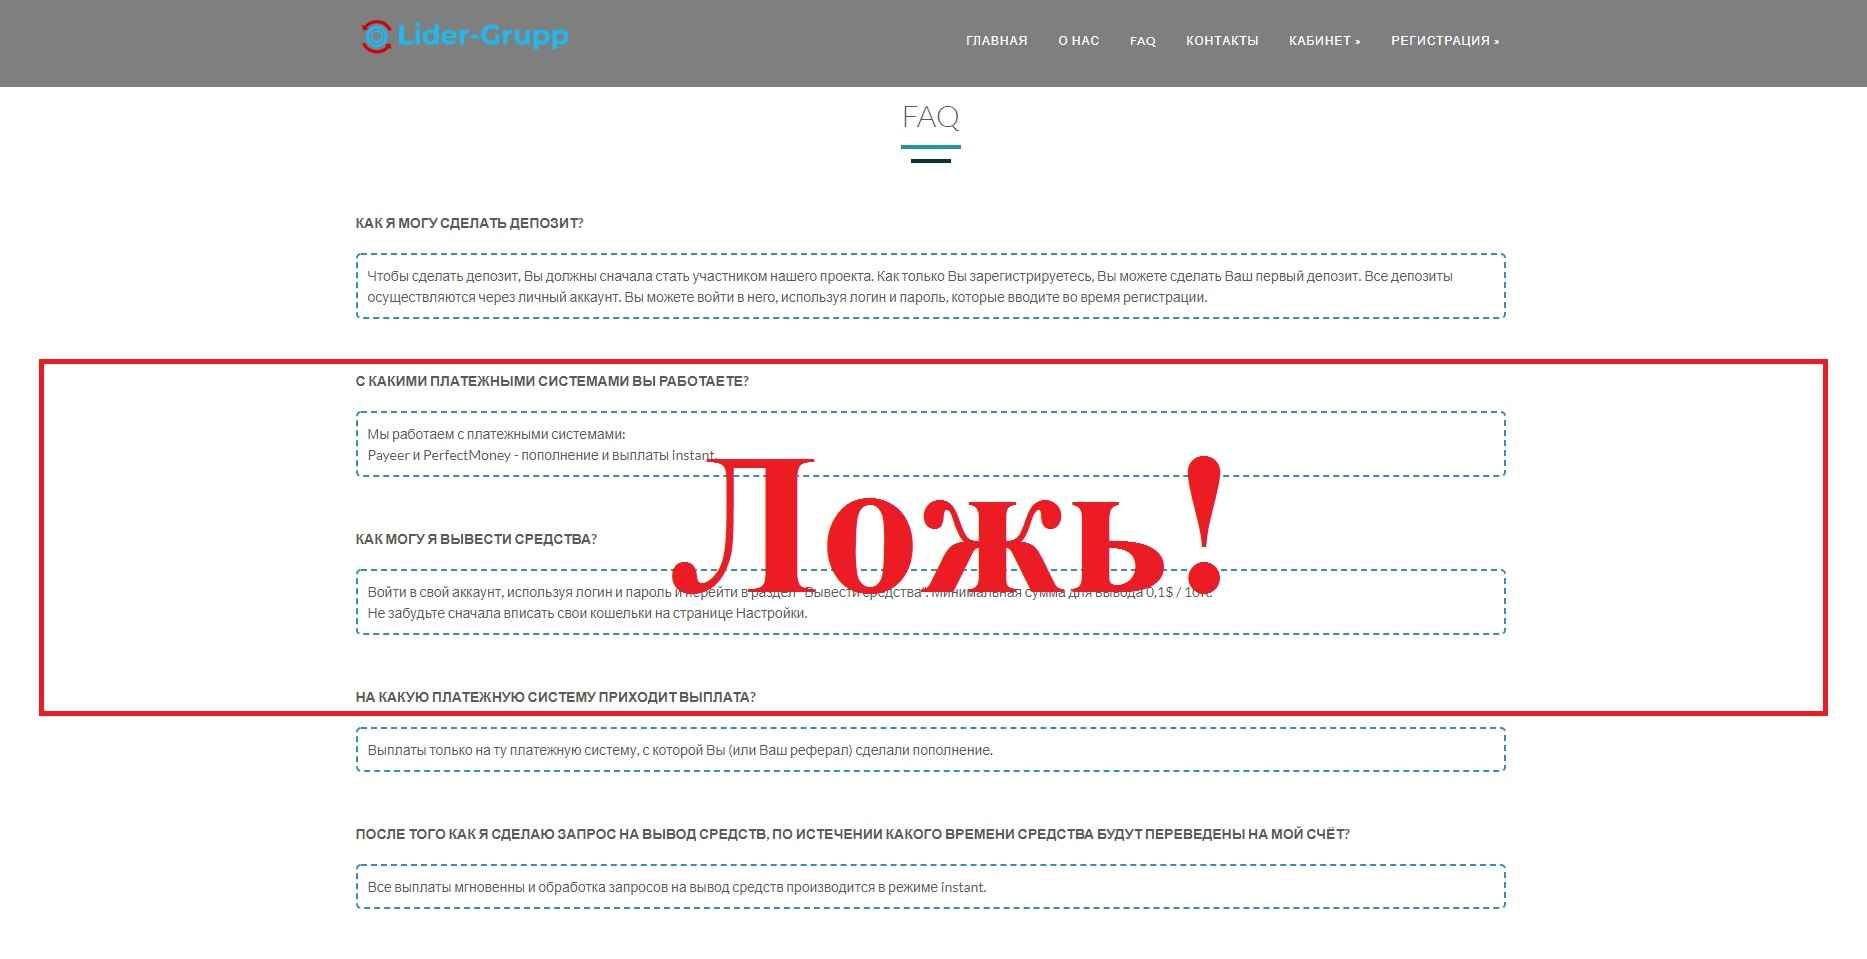 Lider-Grupp - торговля криптовалютой без риска. Правда или обман?